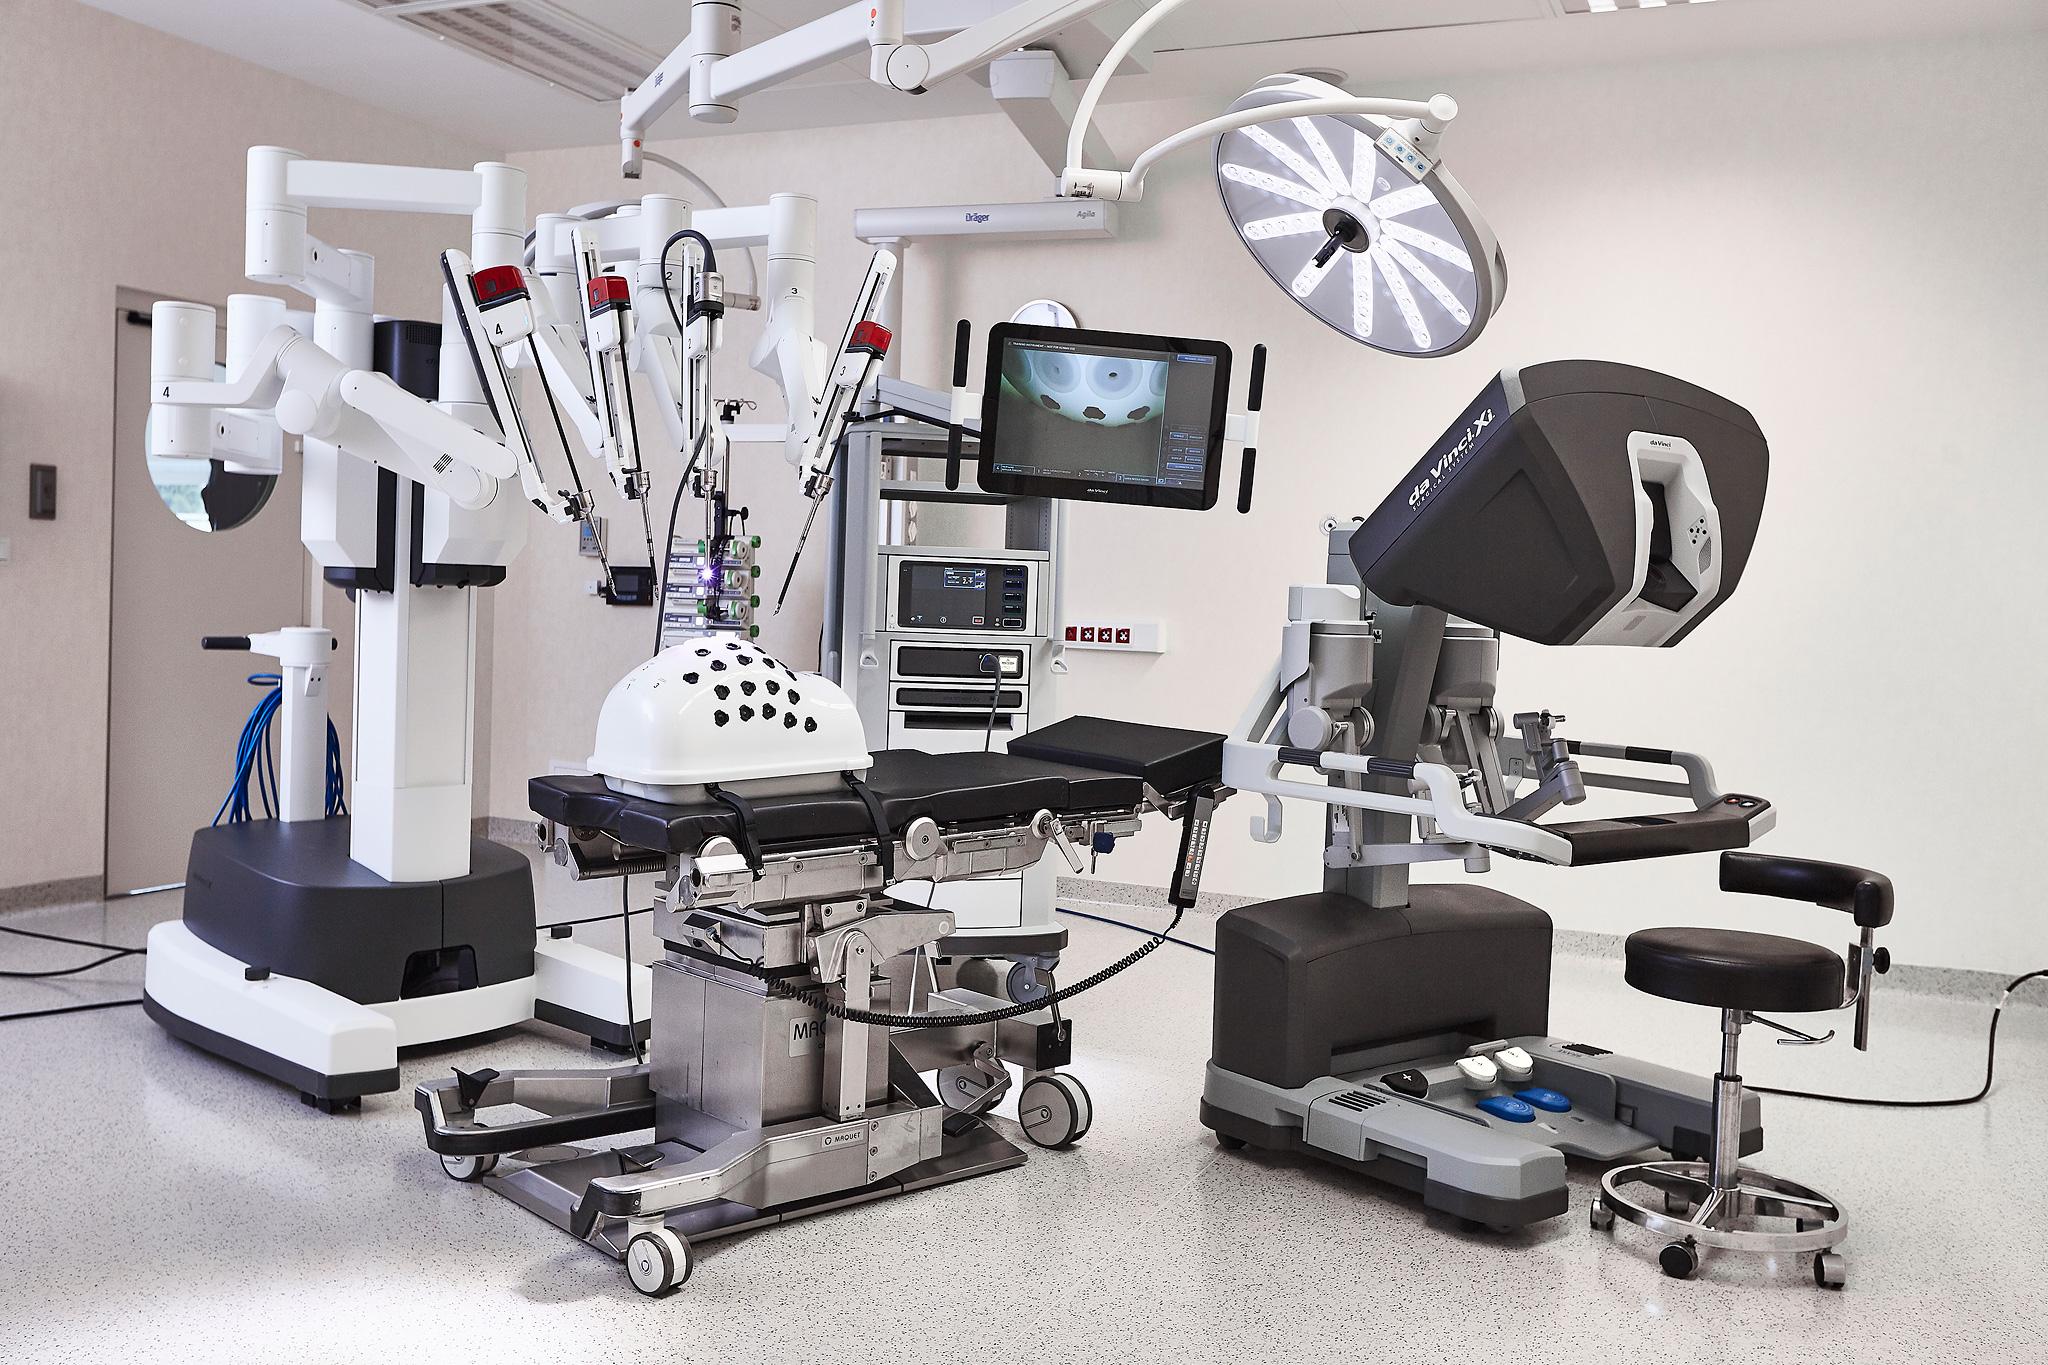 医疗方面新发展,机器人分担工作,替医生做手术?